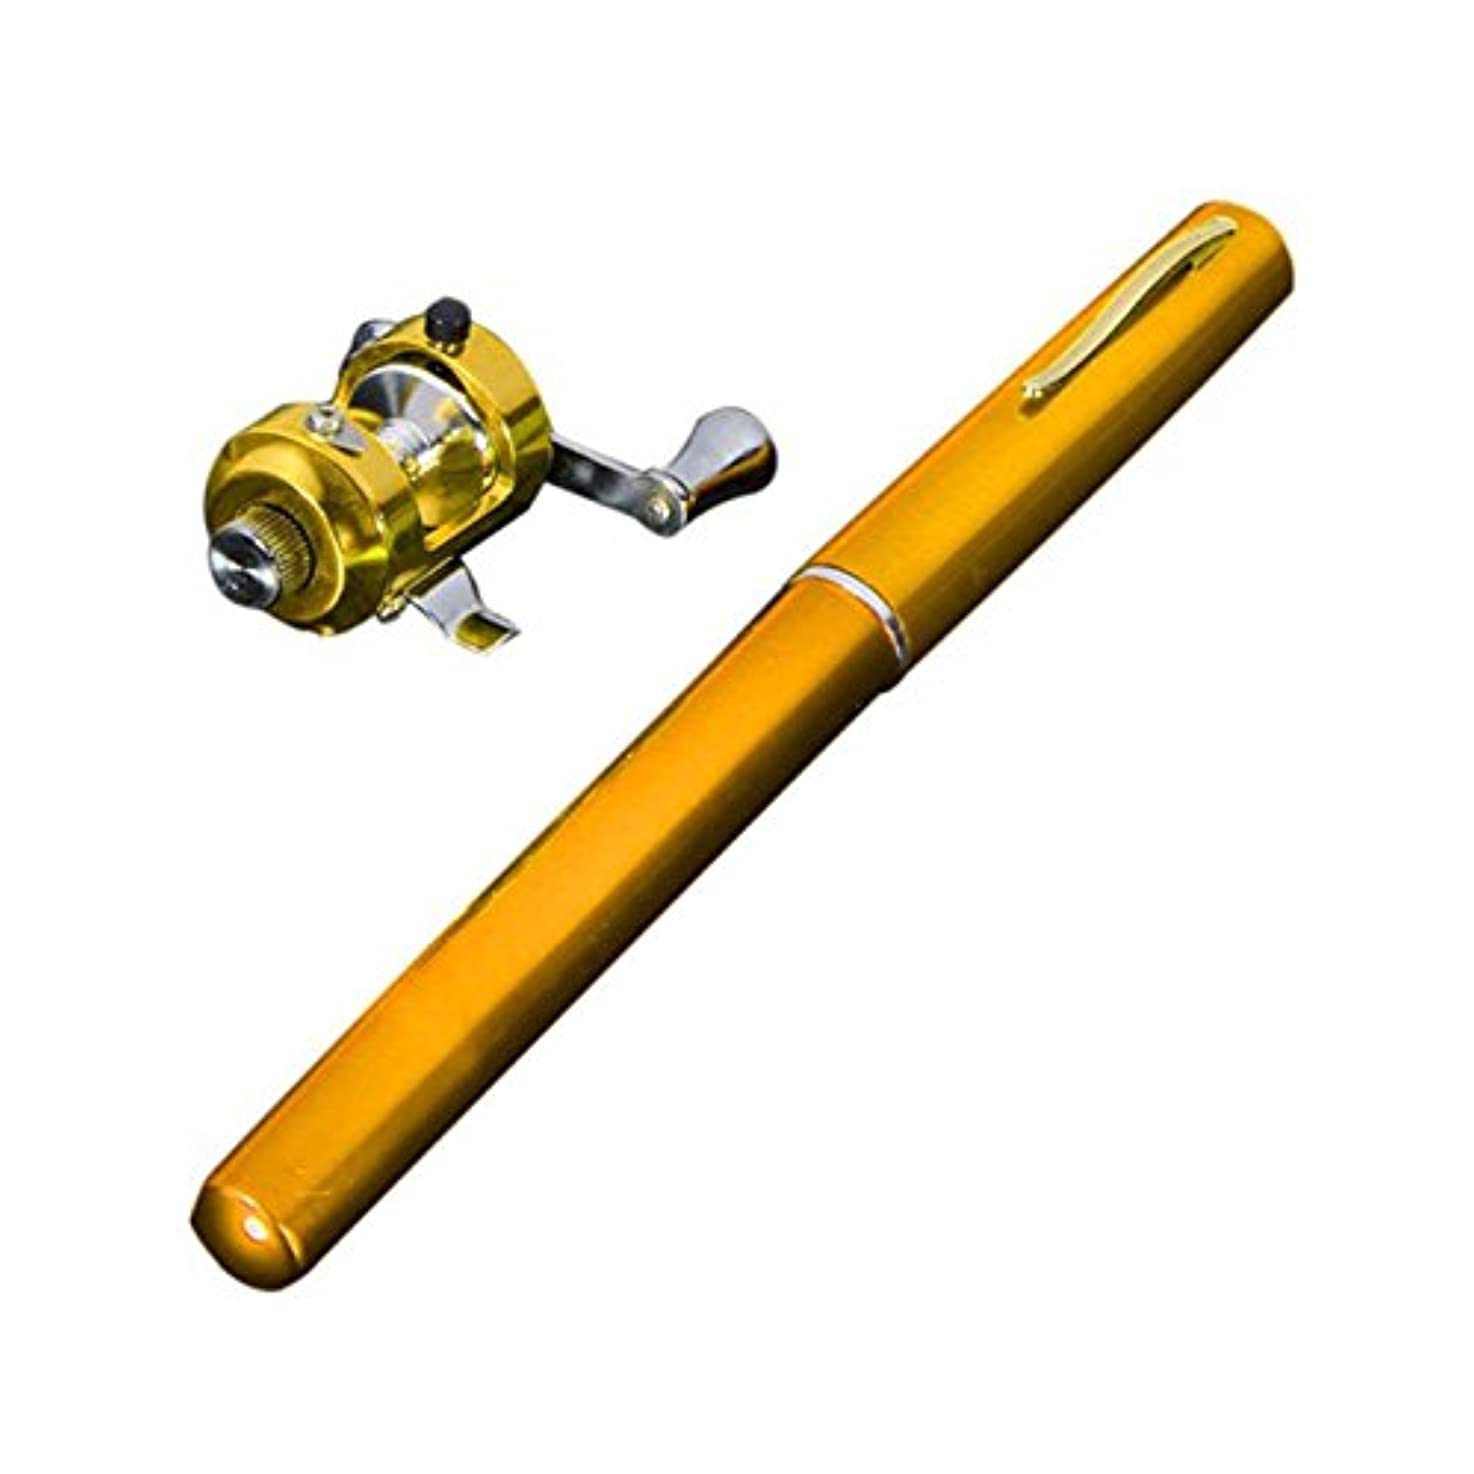 貫通するペンダント銀河Beautyrain 1個 95cmミニポータブルポケットフィッシュペンの形状 アルミニウム合金釣竿ロッド リール付き 贈り物